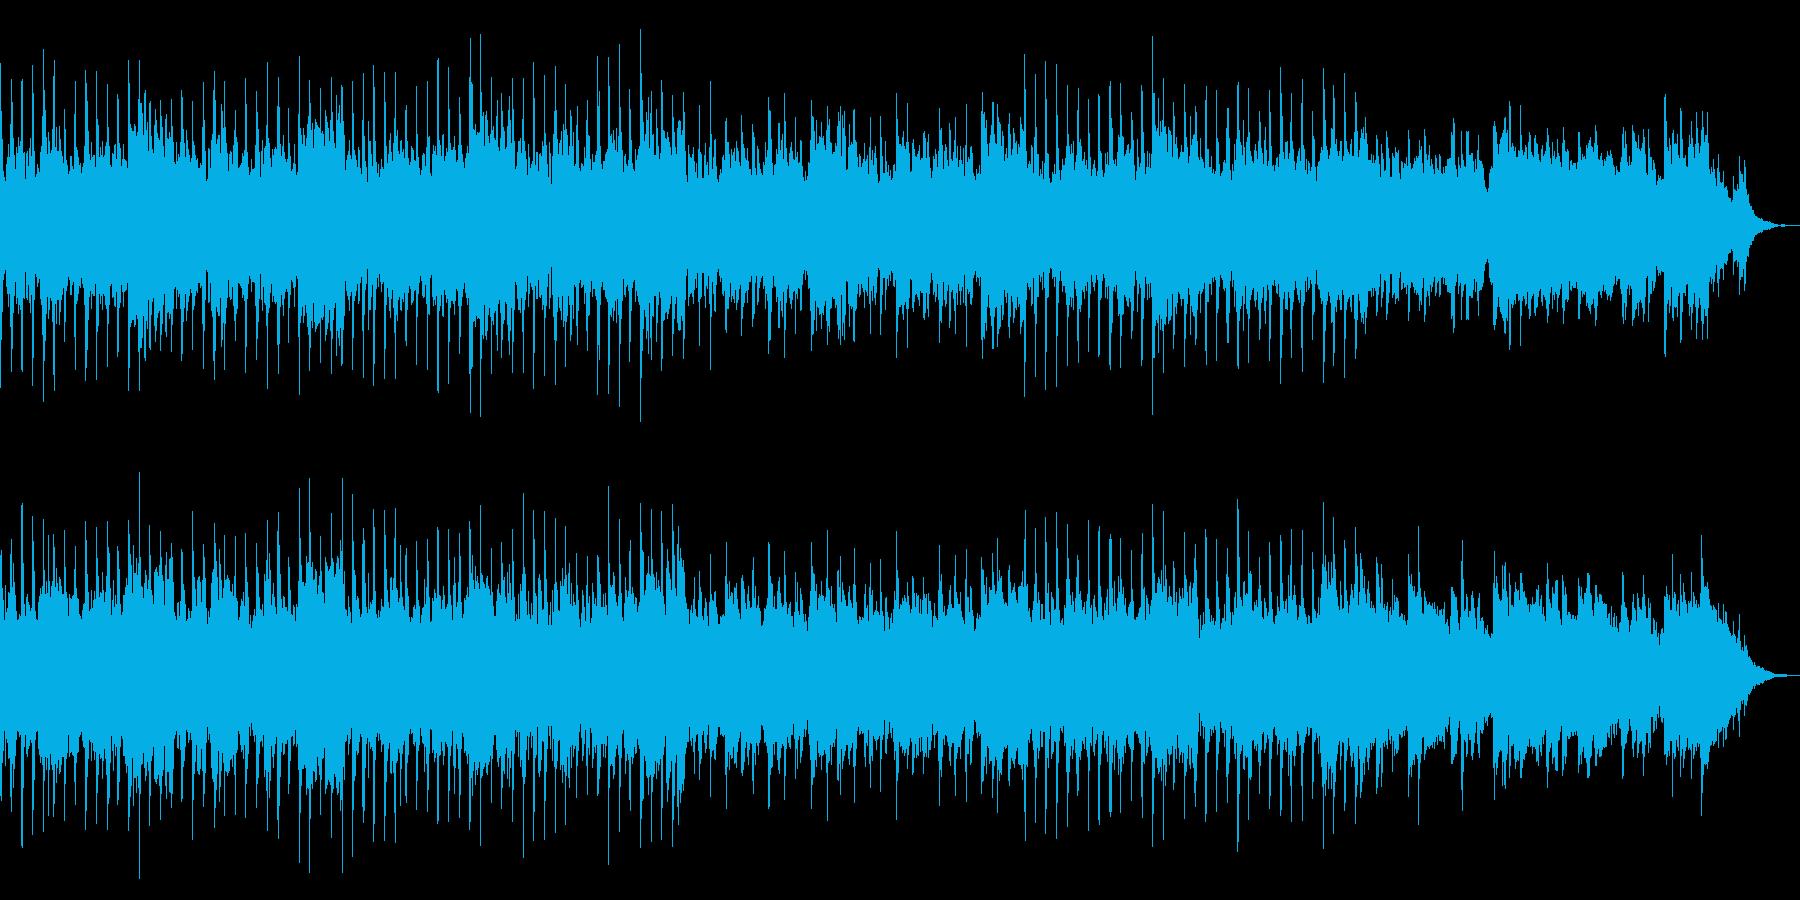 優しく爽やかなコーポレート系BGMの再生済みの波形